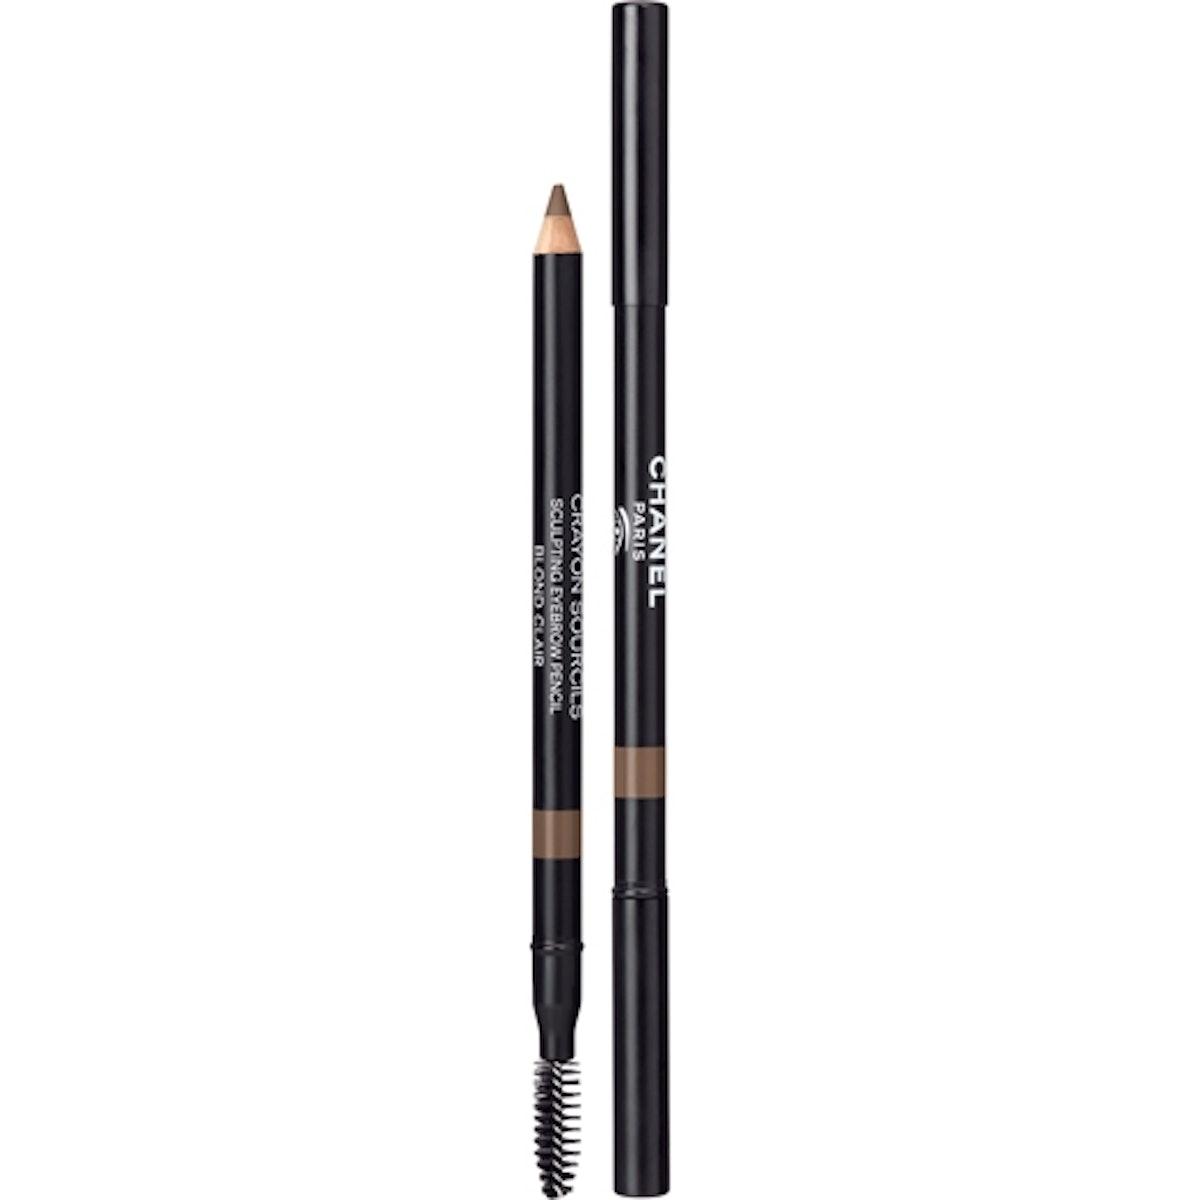 Chanel Crayon Sourcils Sculpting Eyebrow Pencil